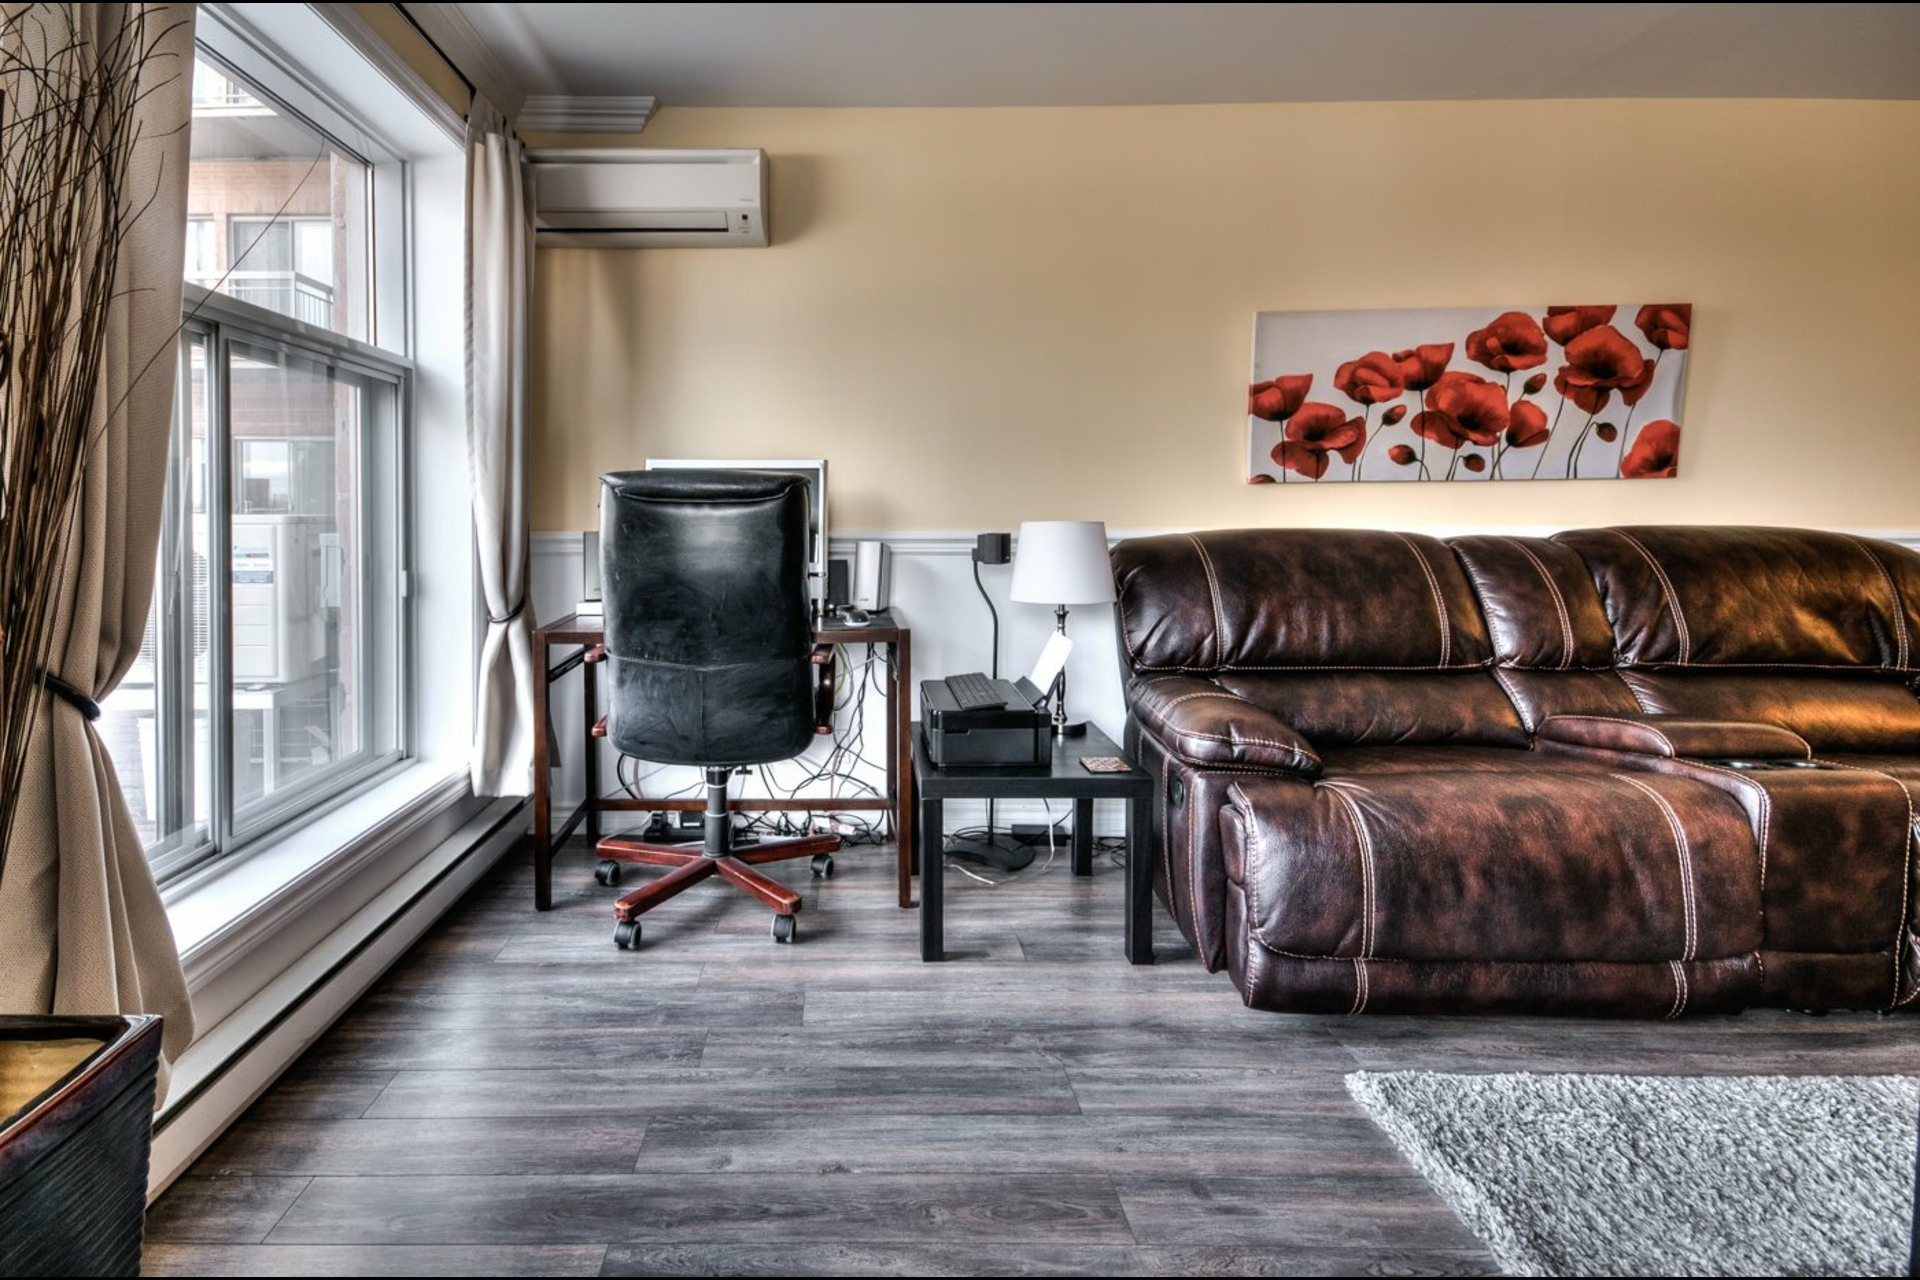 image 11 - Appartement À vendre Brossard - 5 pièces